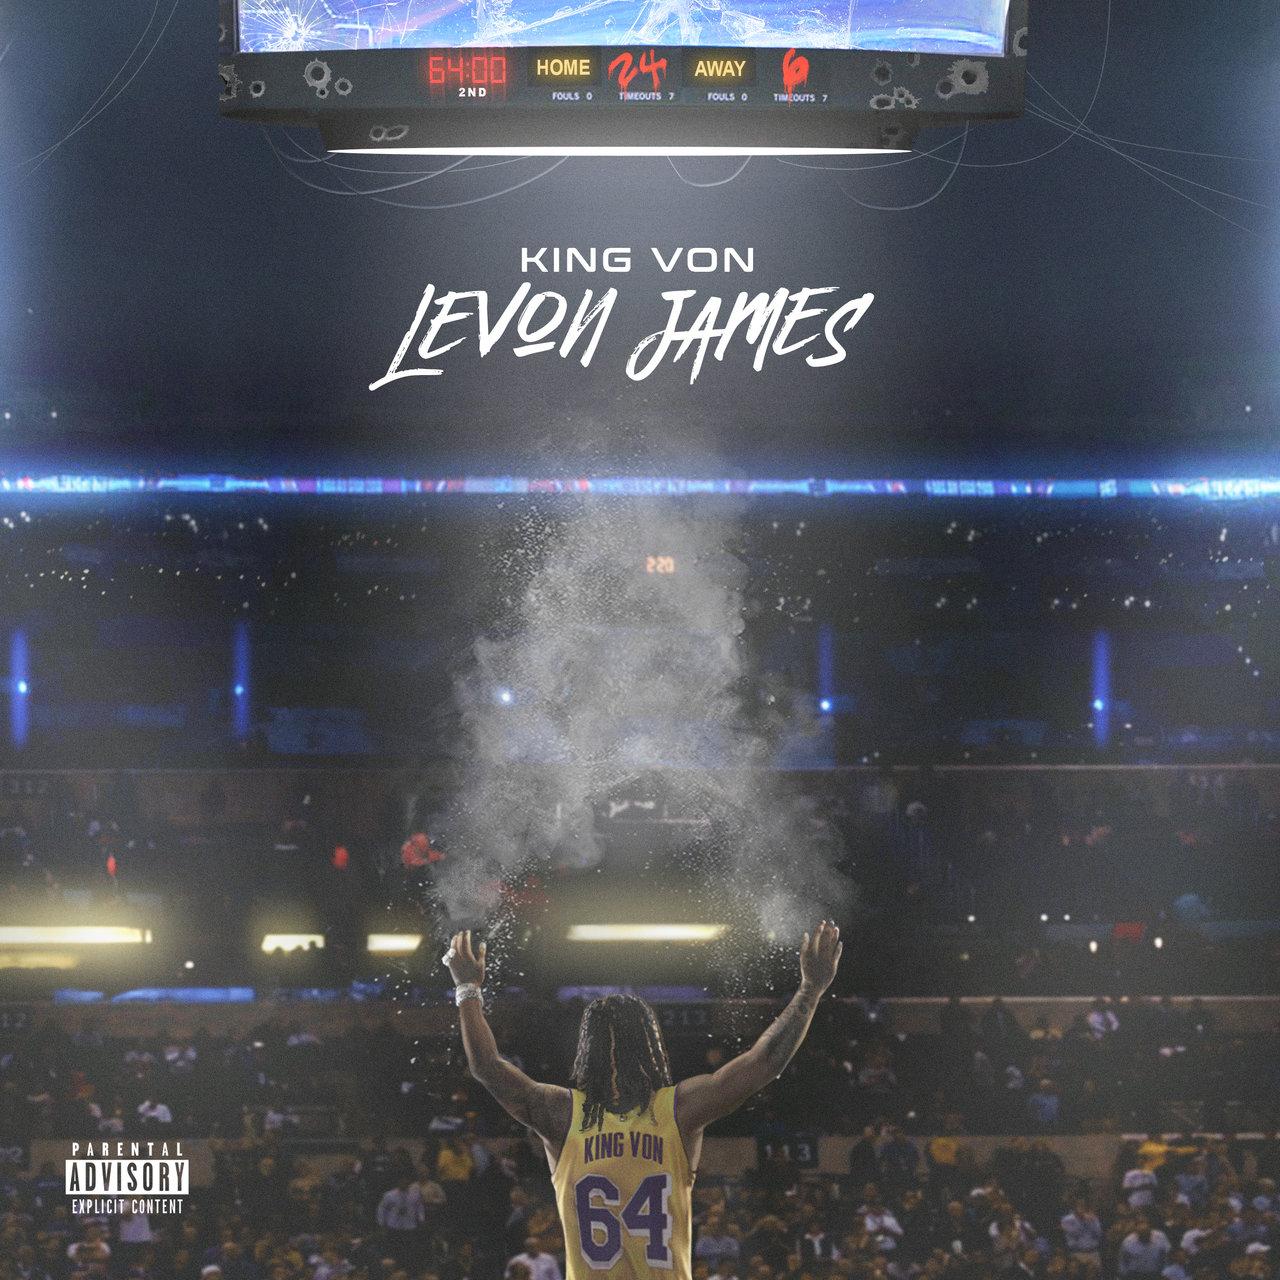 King Von - Levon James (Cover)